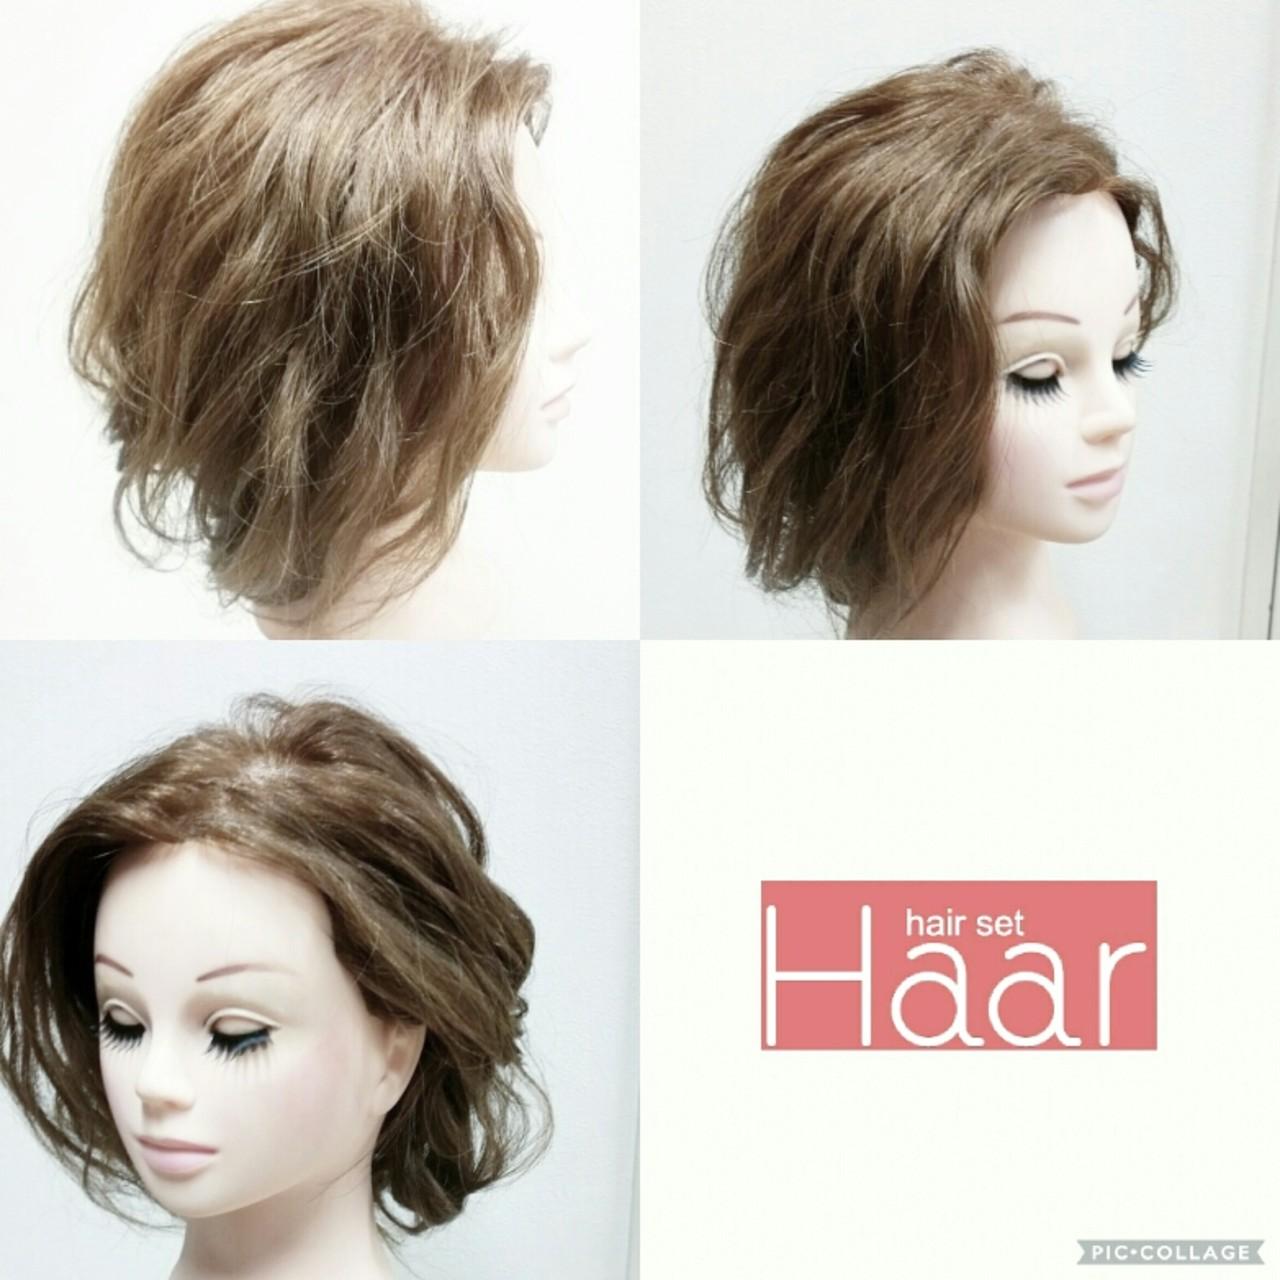 ヘアアレンジ ナチュラル こなれ感 大人女子 ヘアスタイルや髪型の写真・画像 | chinatsu / hair set haar